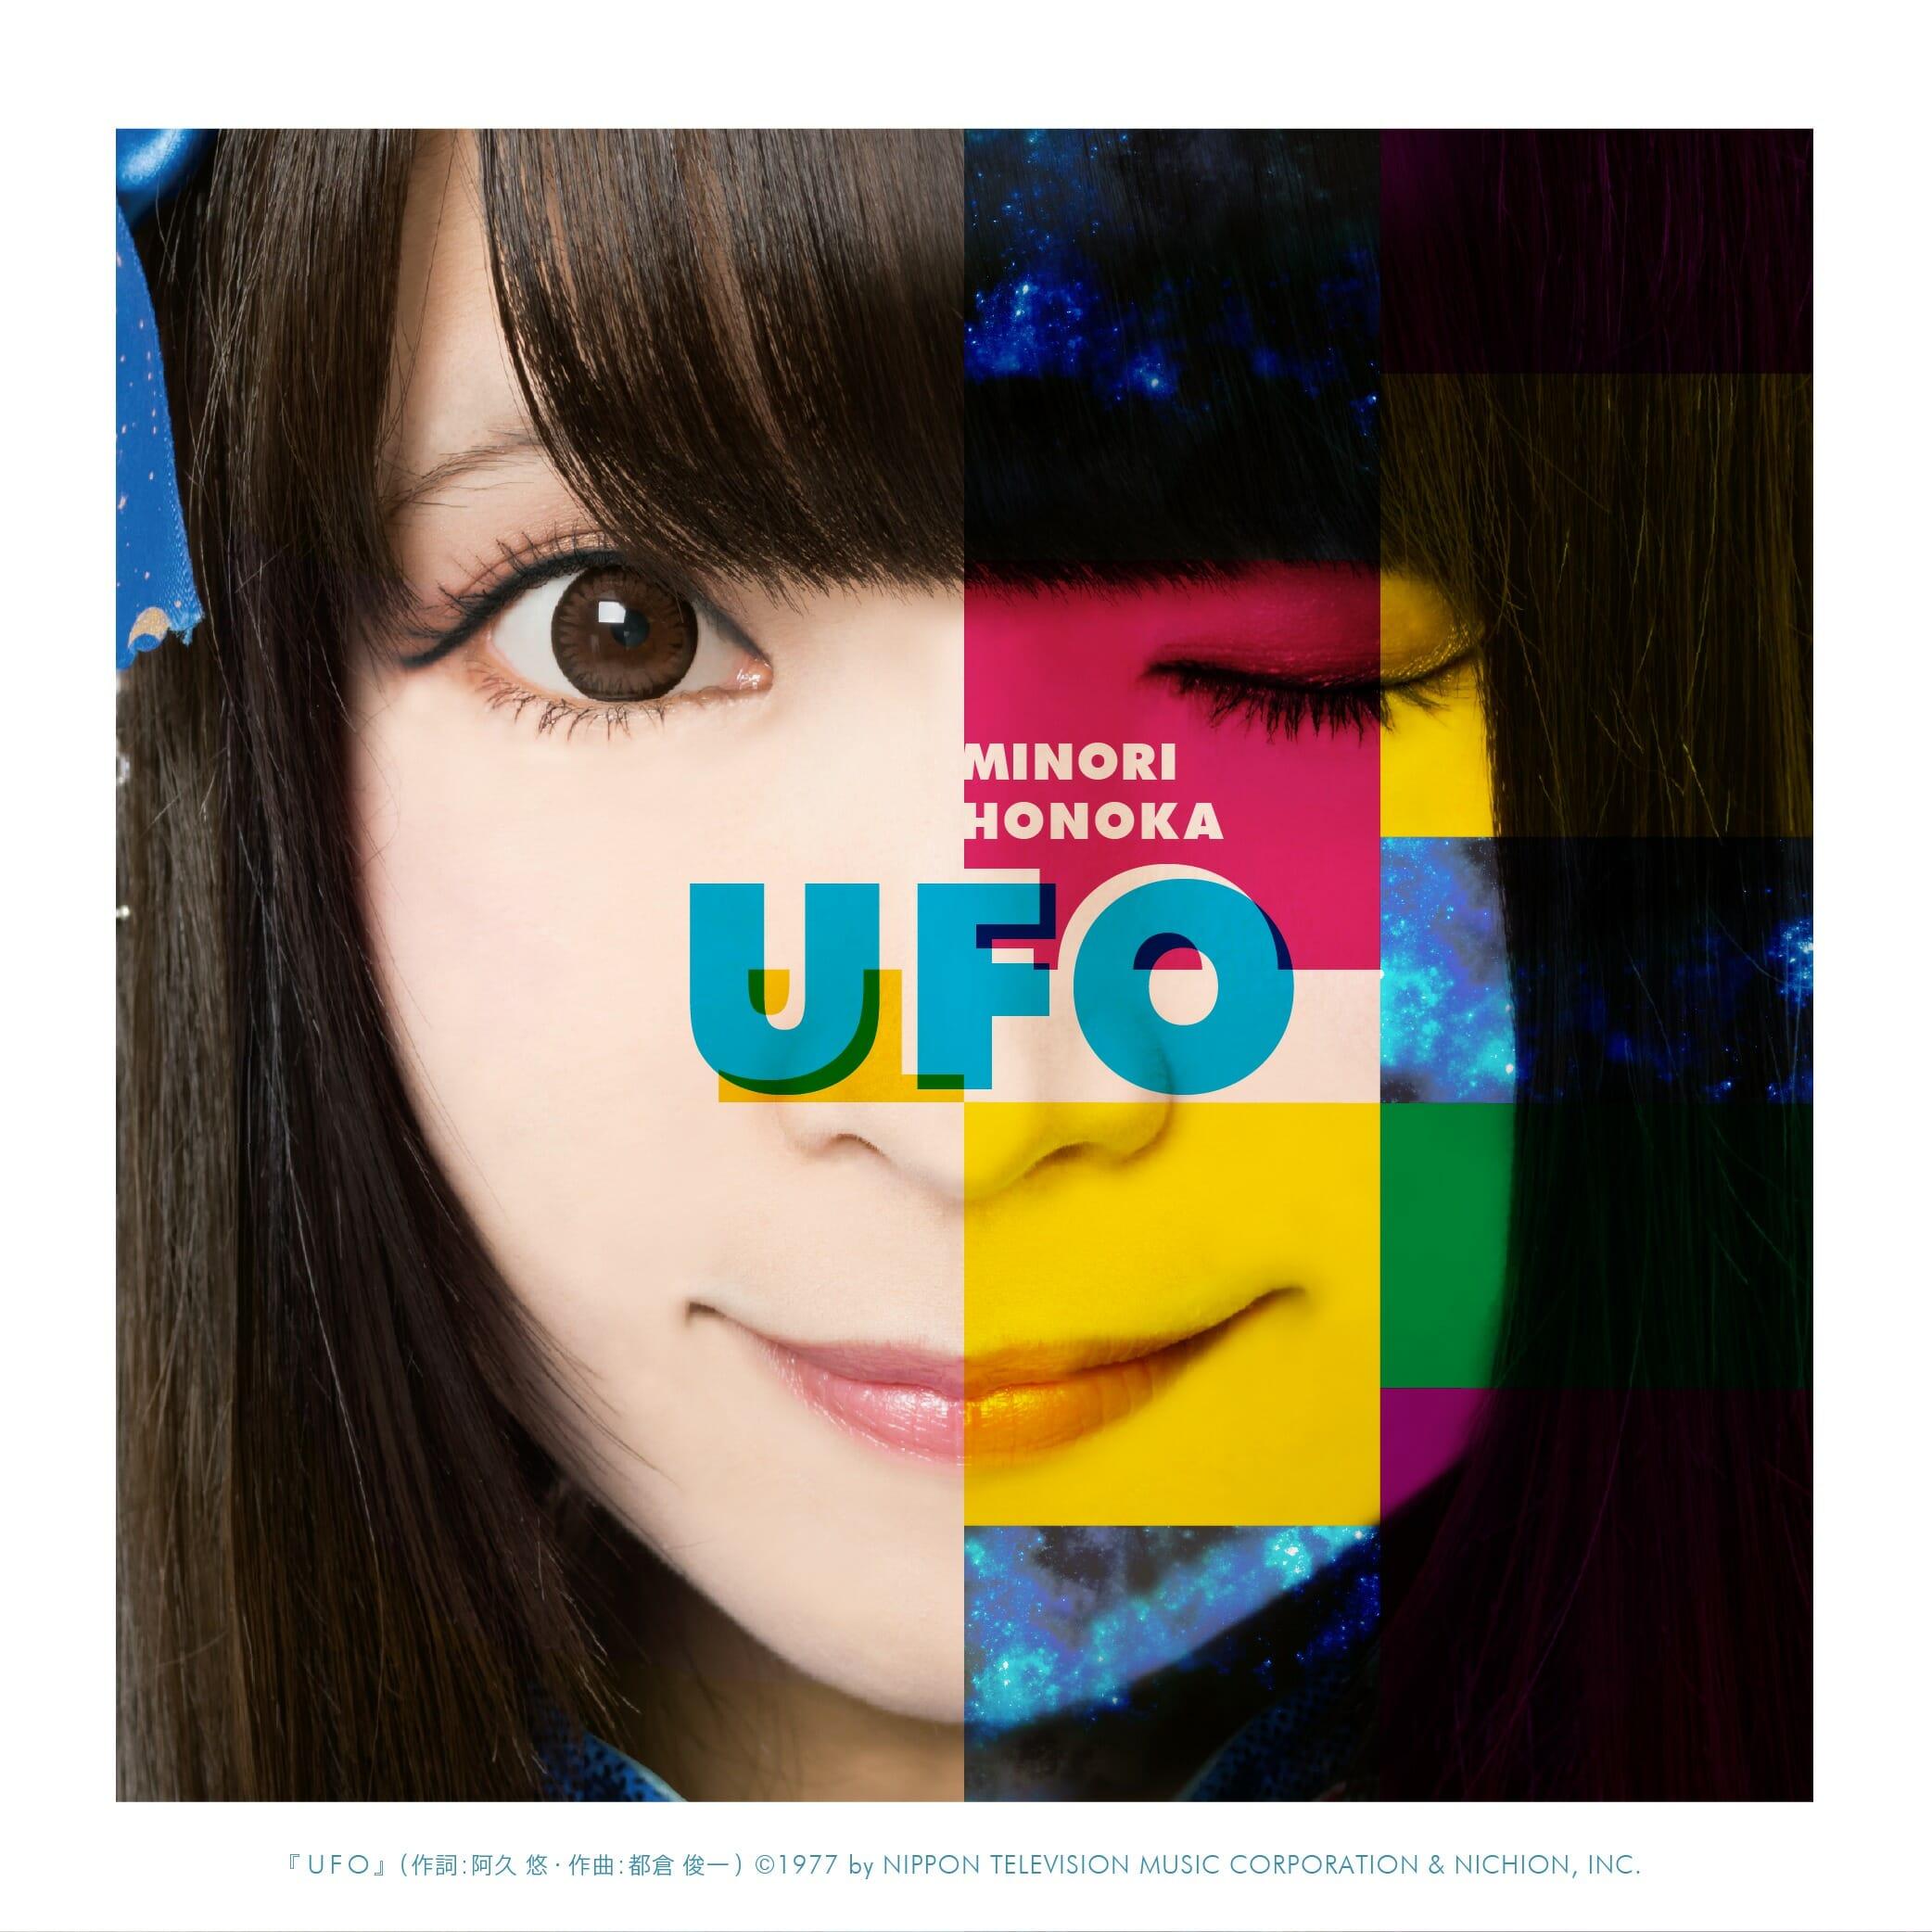 みのりほのか「UFO」ジャケット